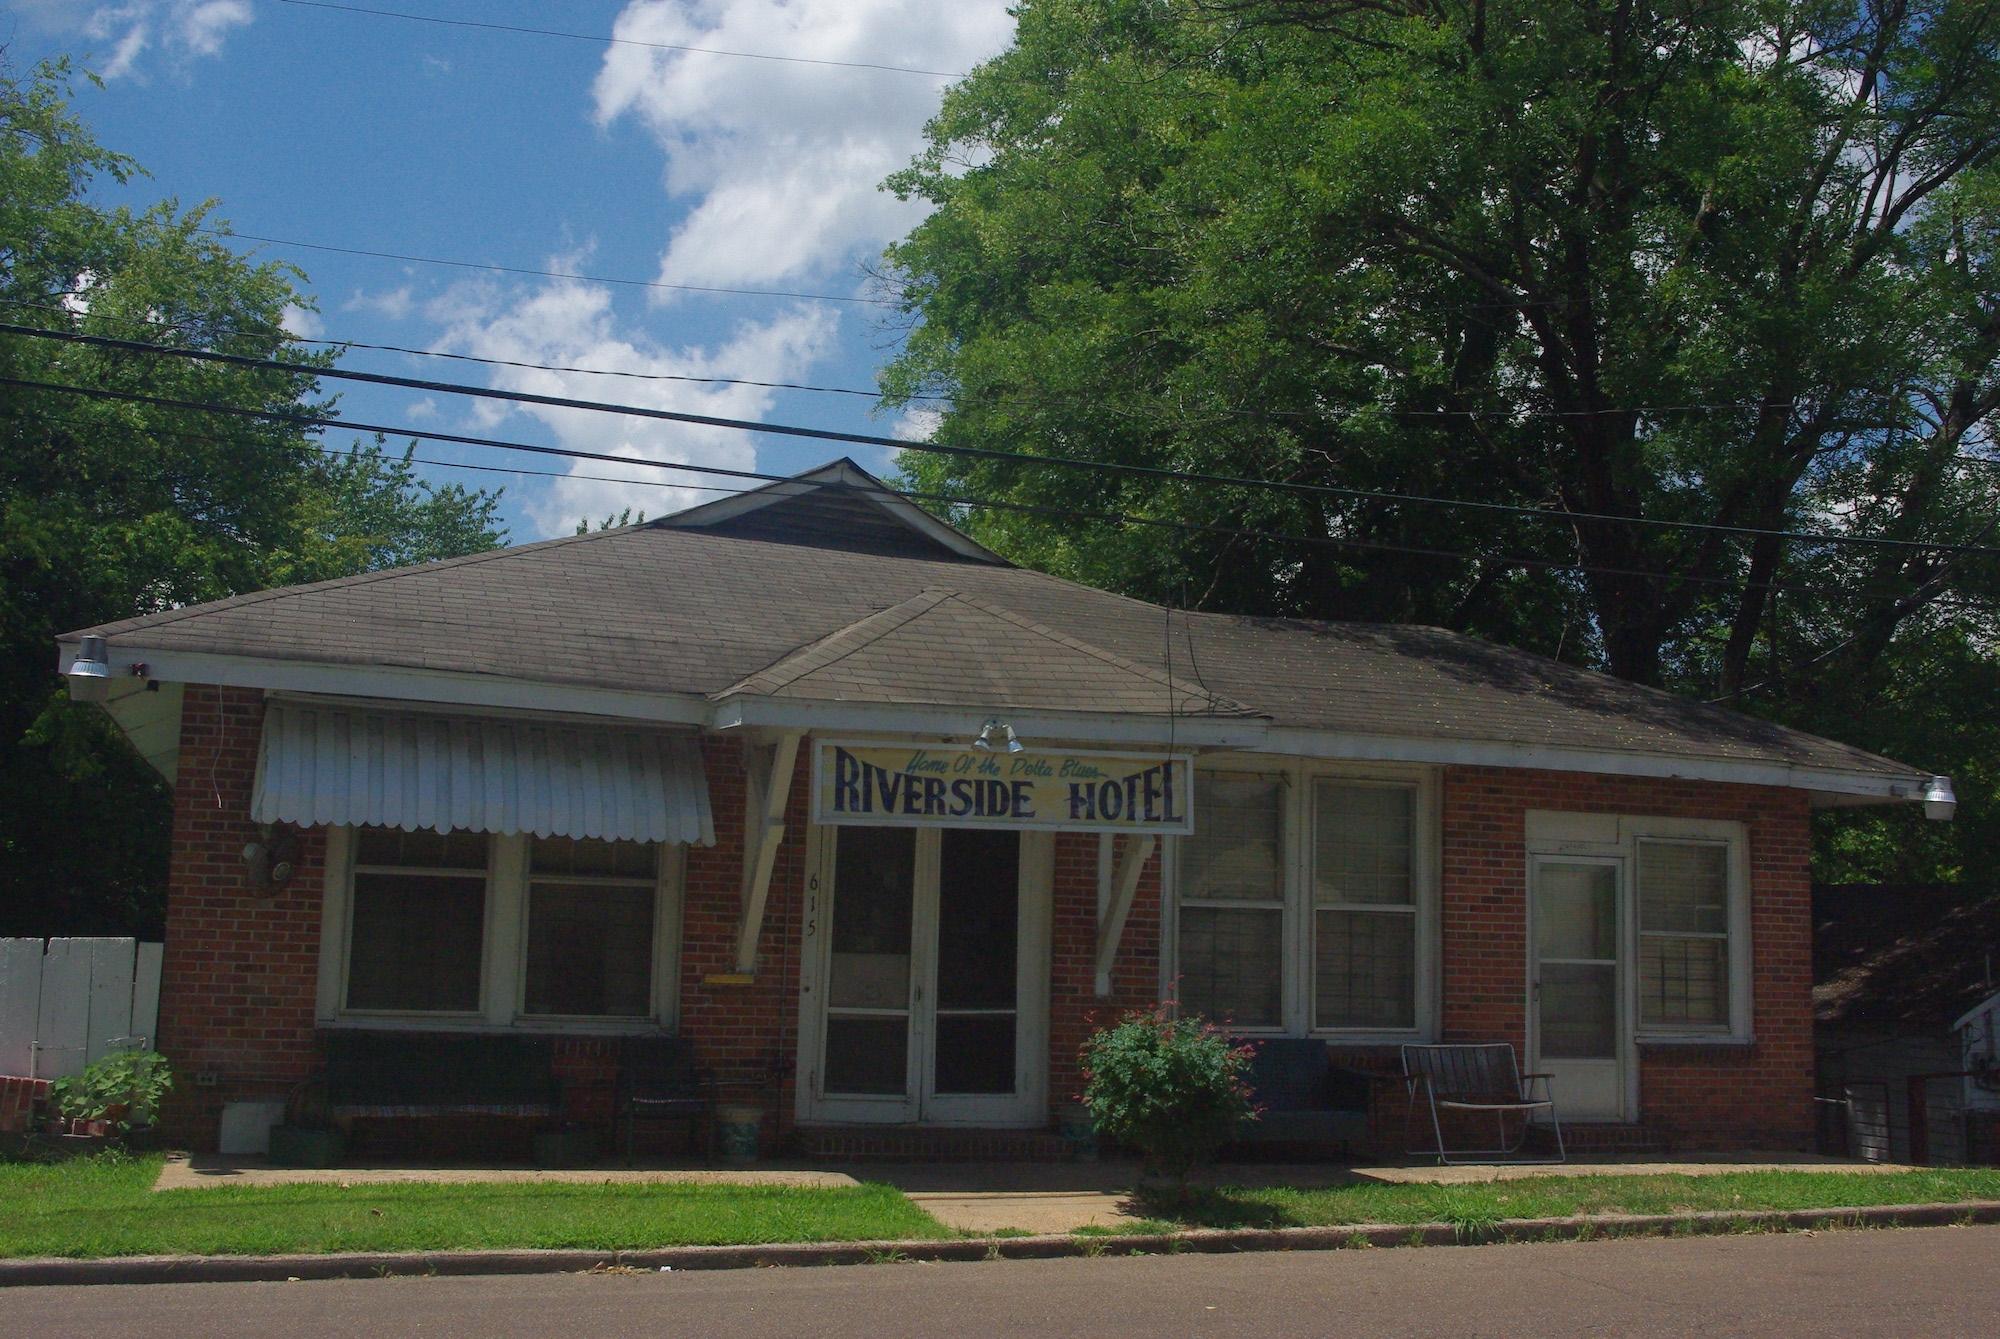 Avant d'être un hôtel, cet endroit était un hôpital pour afro américains. La chanteuse Bessie Smith y est morte après un accident de voiture en 1937